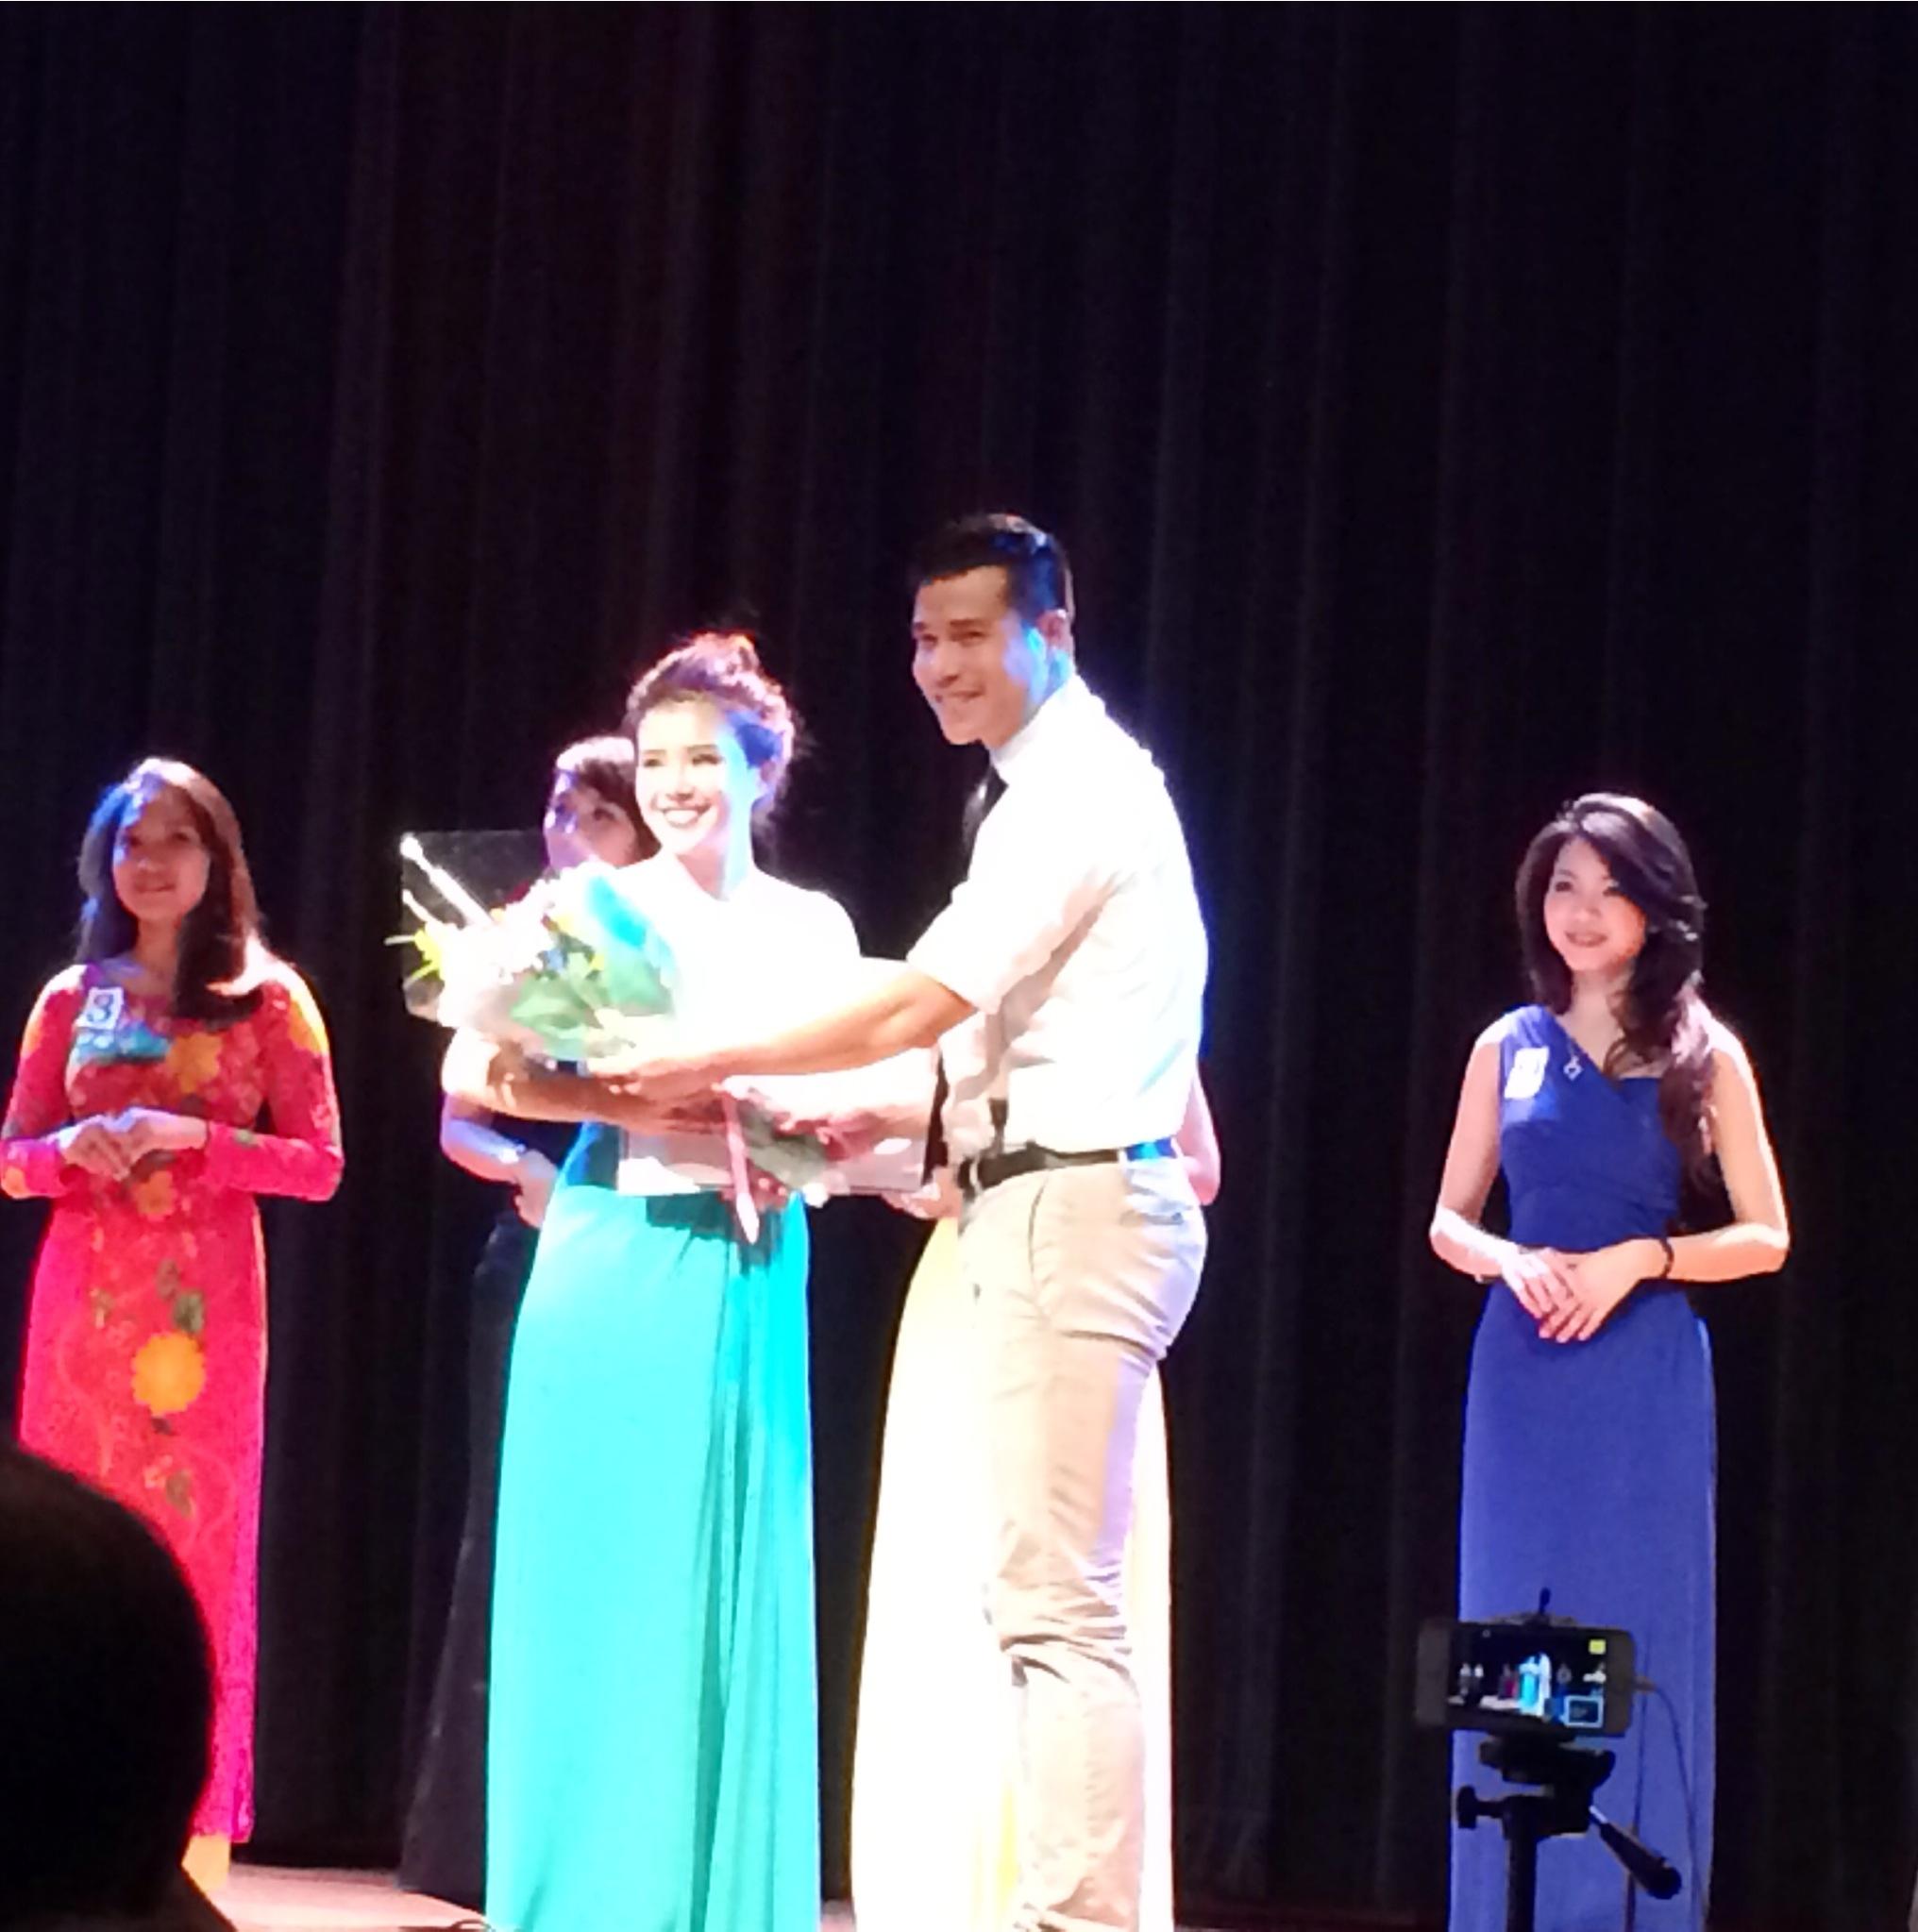 Nam Vương Tiến Đoàn trao giải cho Thí sinh được yêu thích nhất Trịnh Yến Nhi